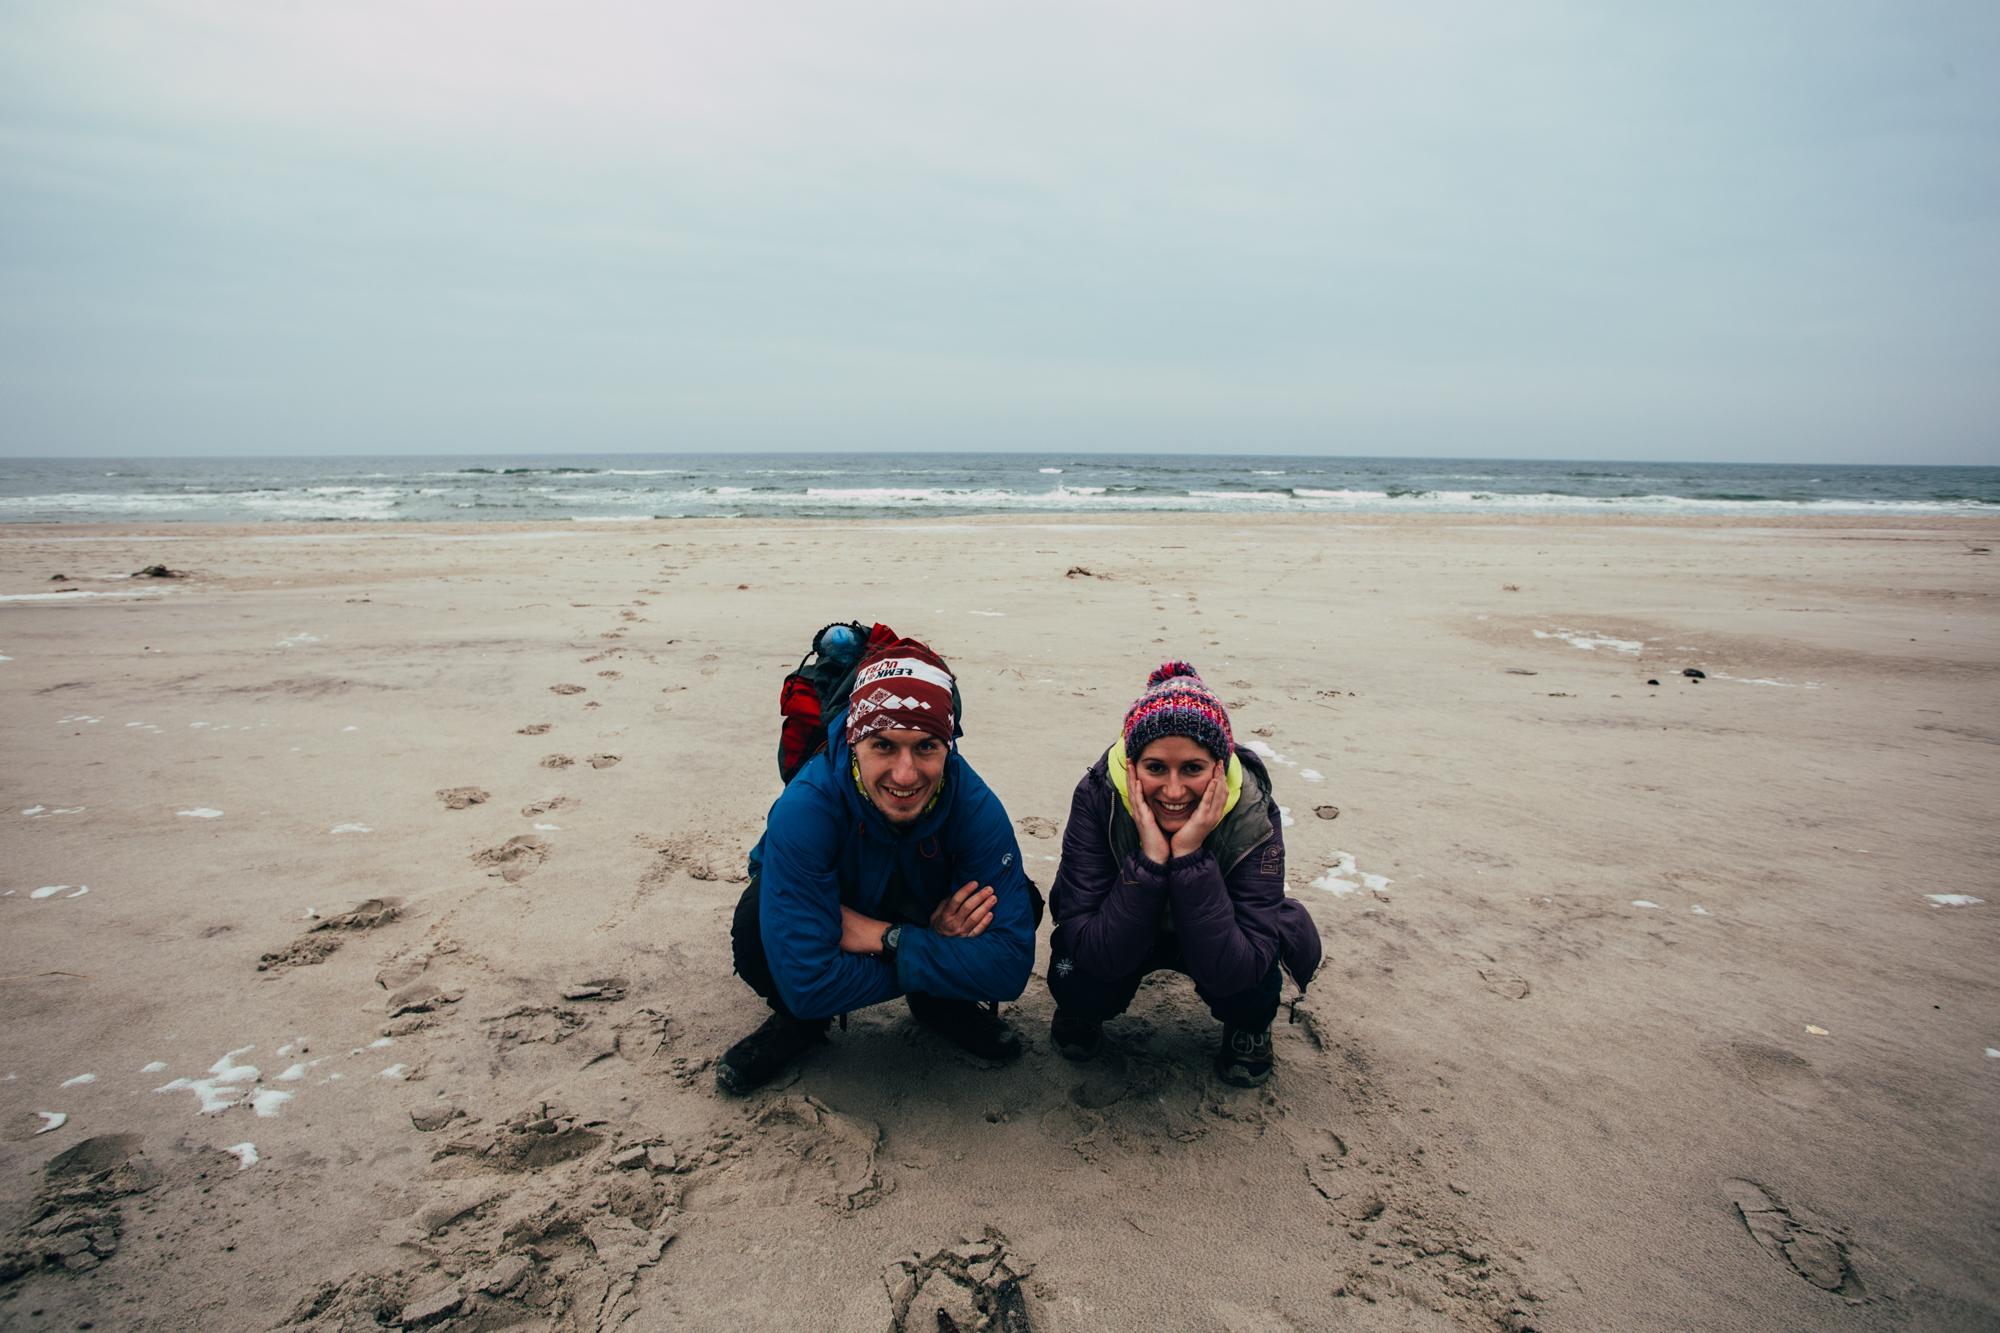 Zbuta naHel – spacer plażą wzdłuż Mierzei Helskiej